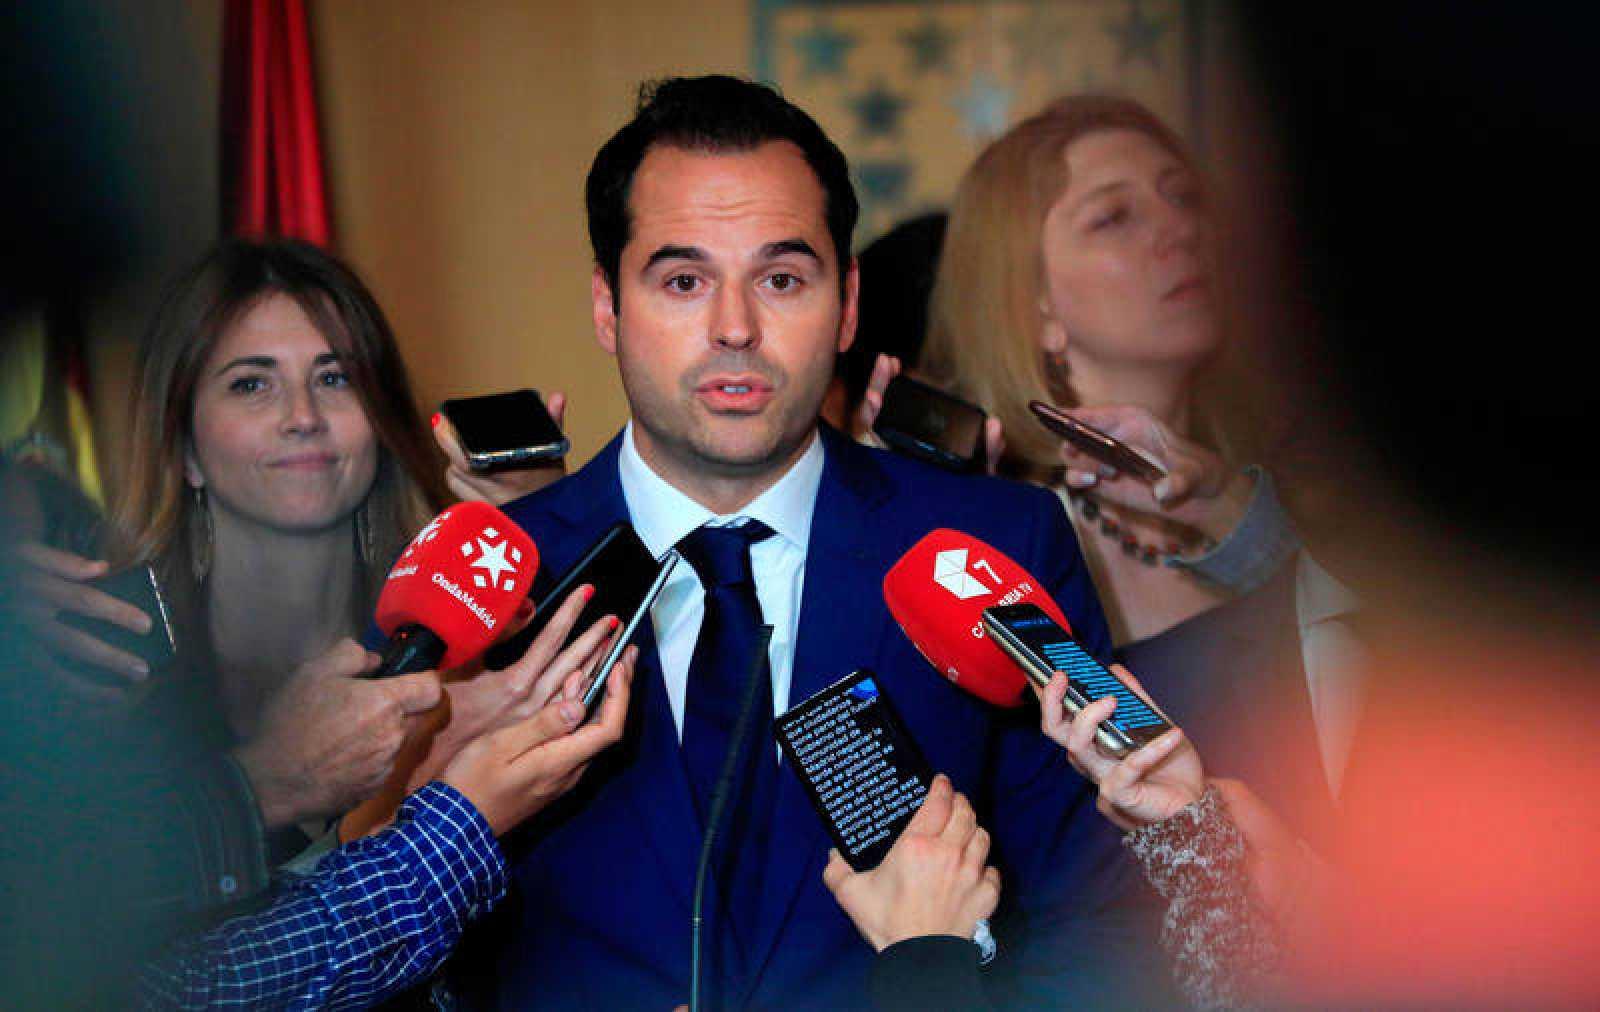 Imagen de archivo del candidato de Ciudadanos a la Presidencia de la Comunidad de Madrid, Ignacio Aguado.